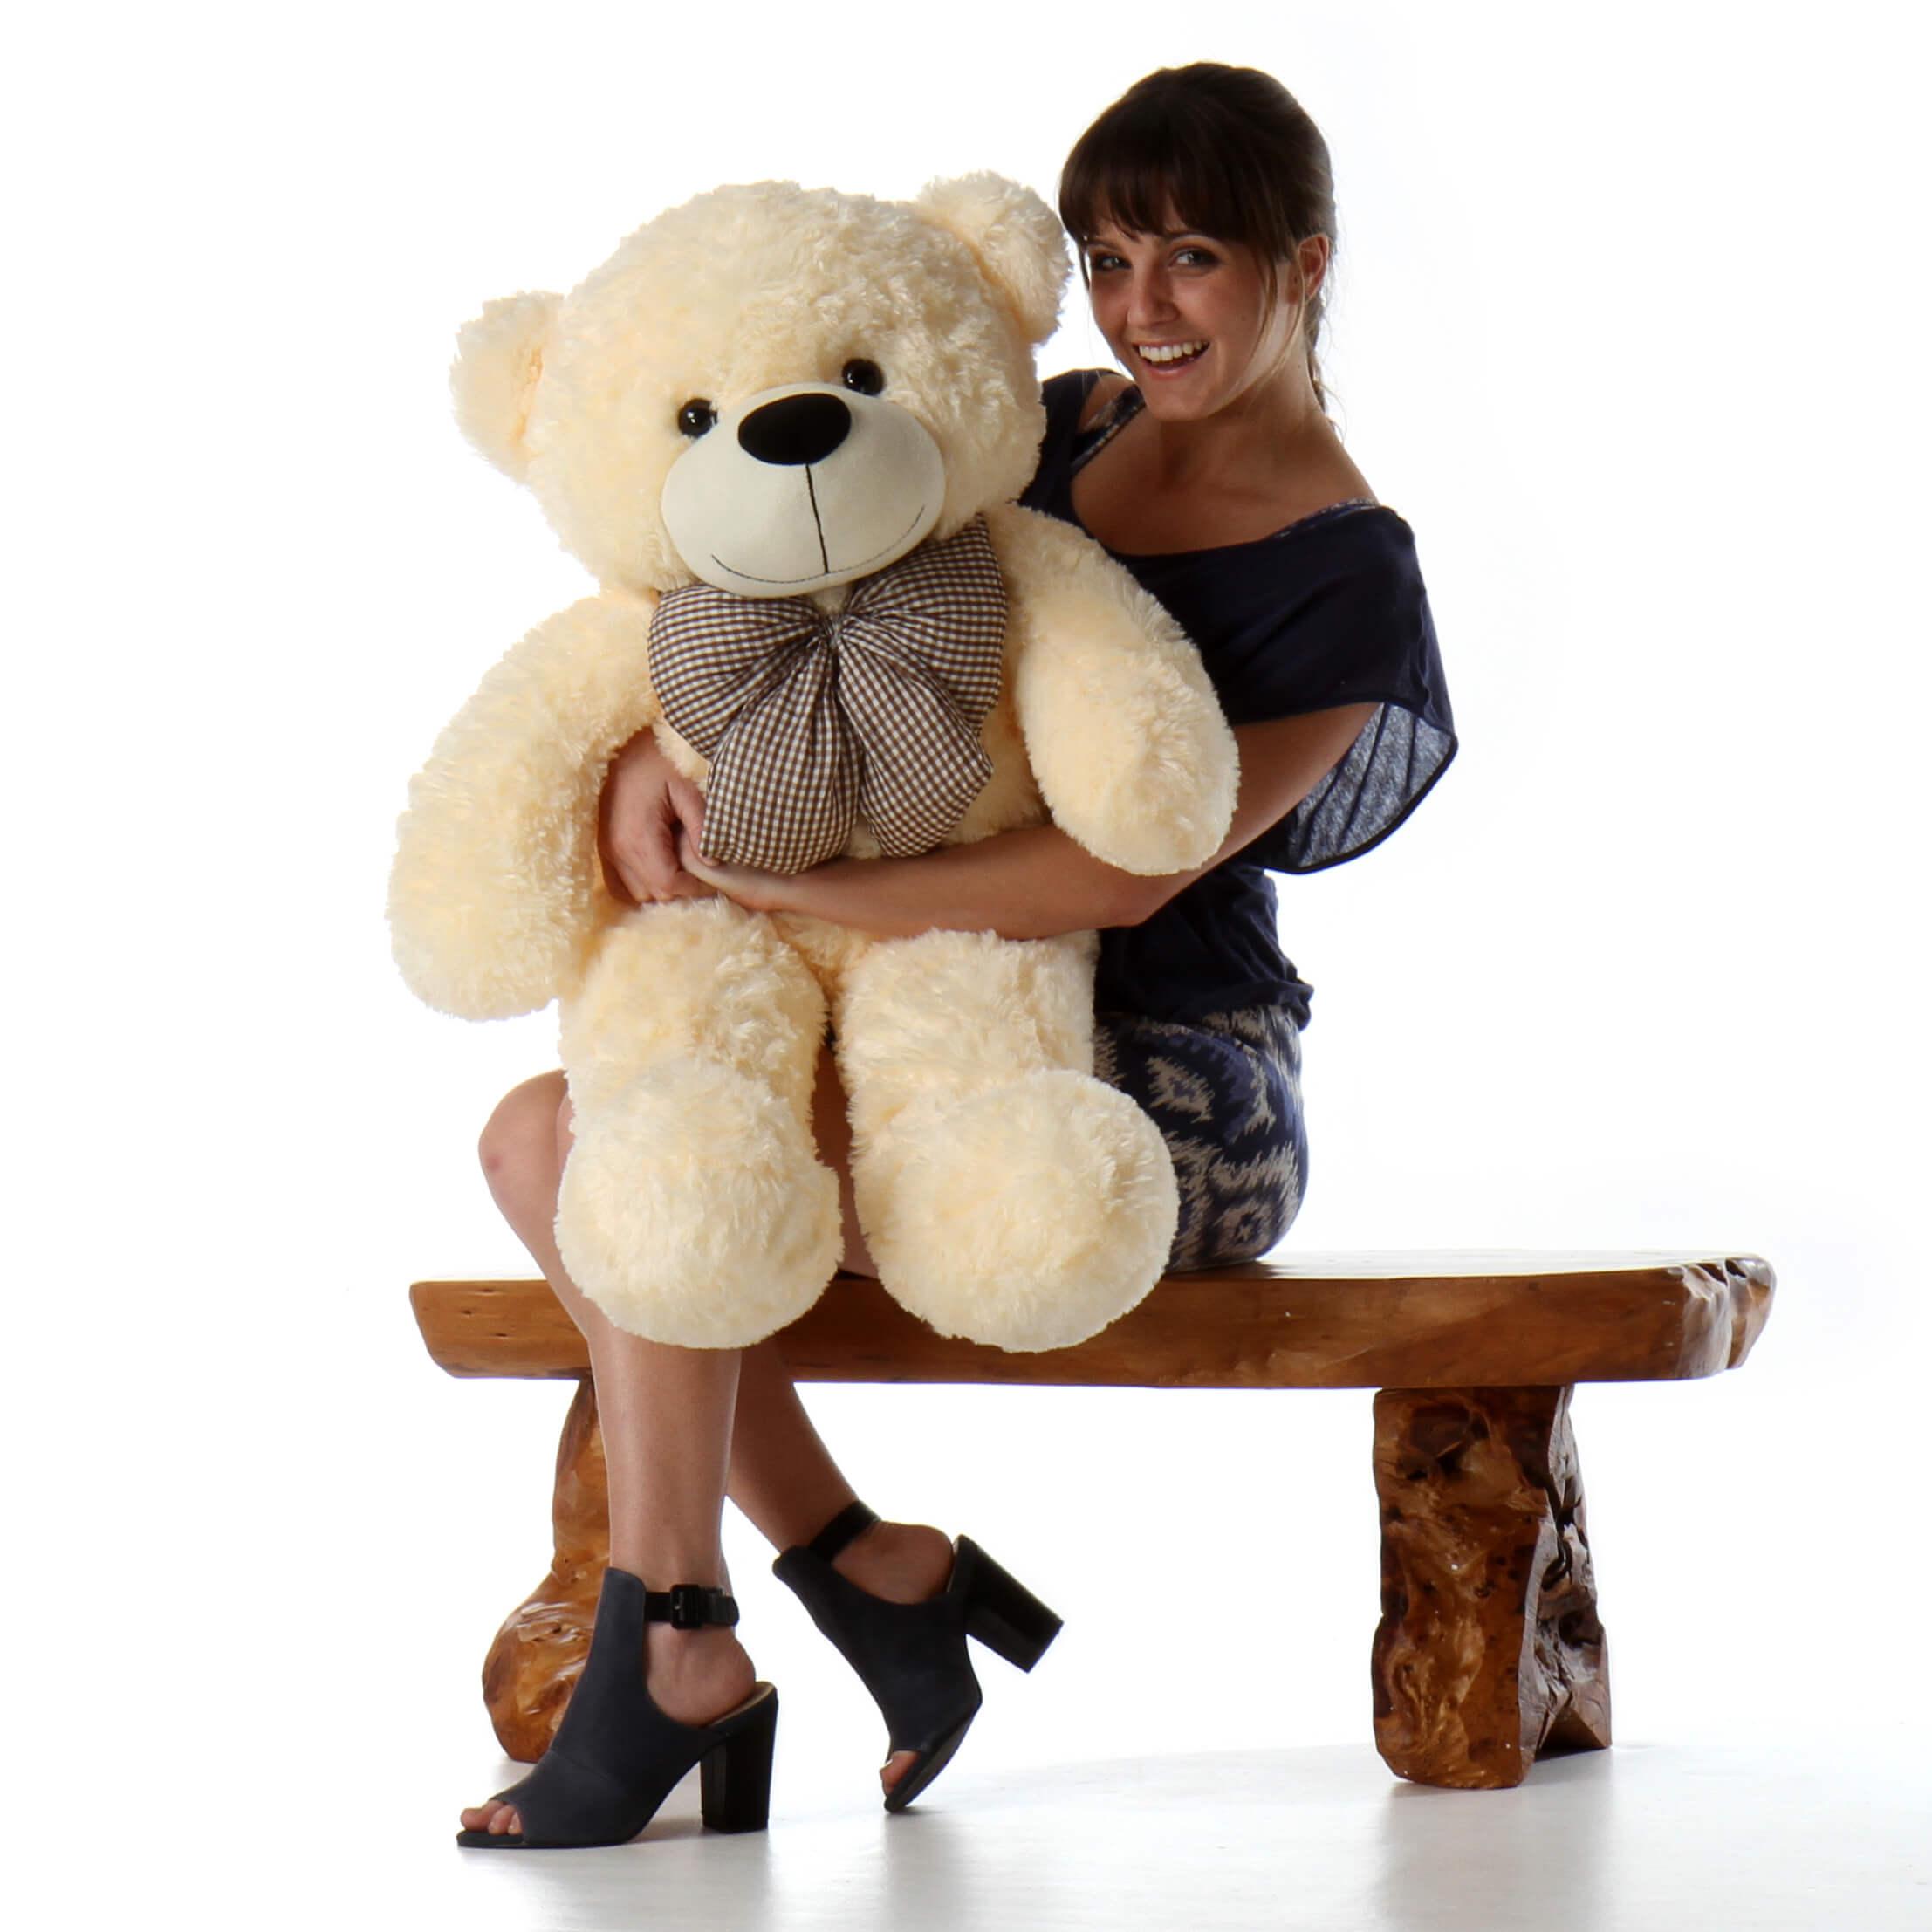 huge-38in-cream-teddy-bear-cozy-cuddles-incredibly-soft-fur-1.jpg